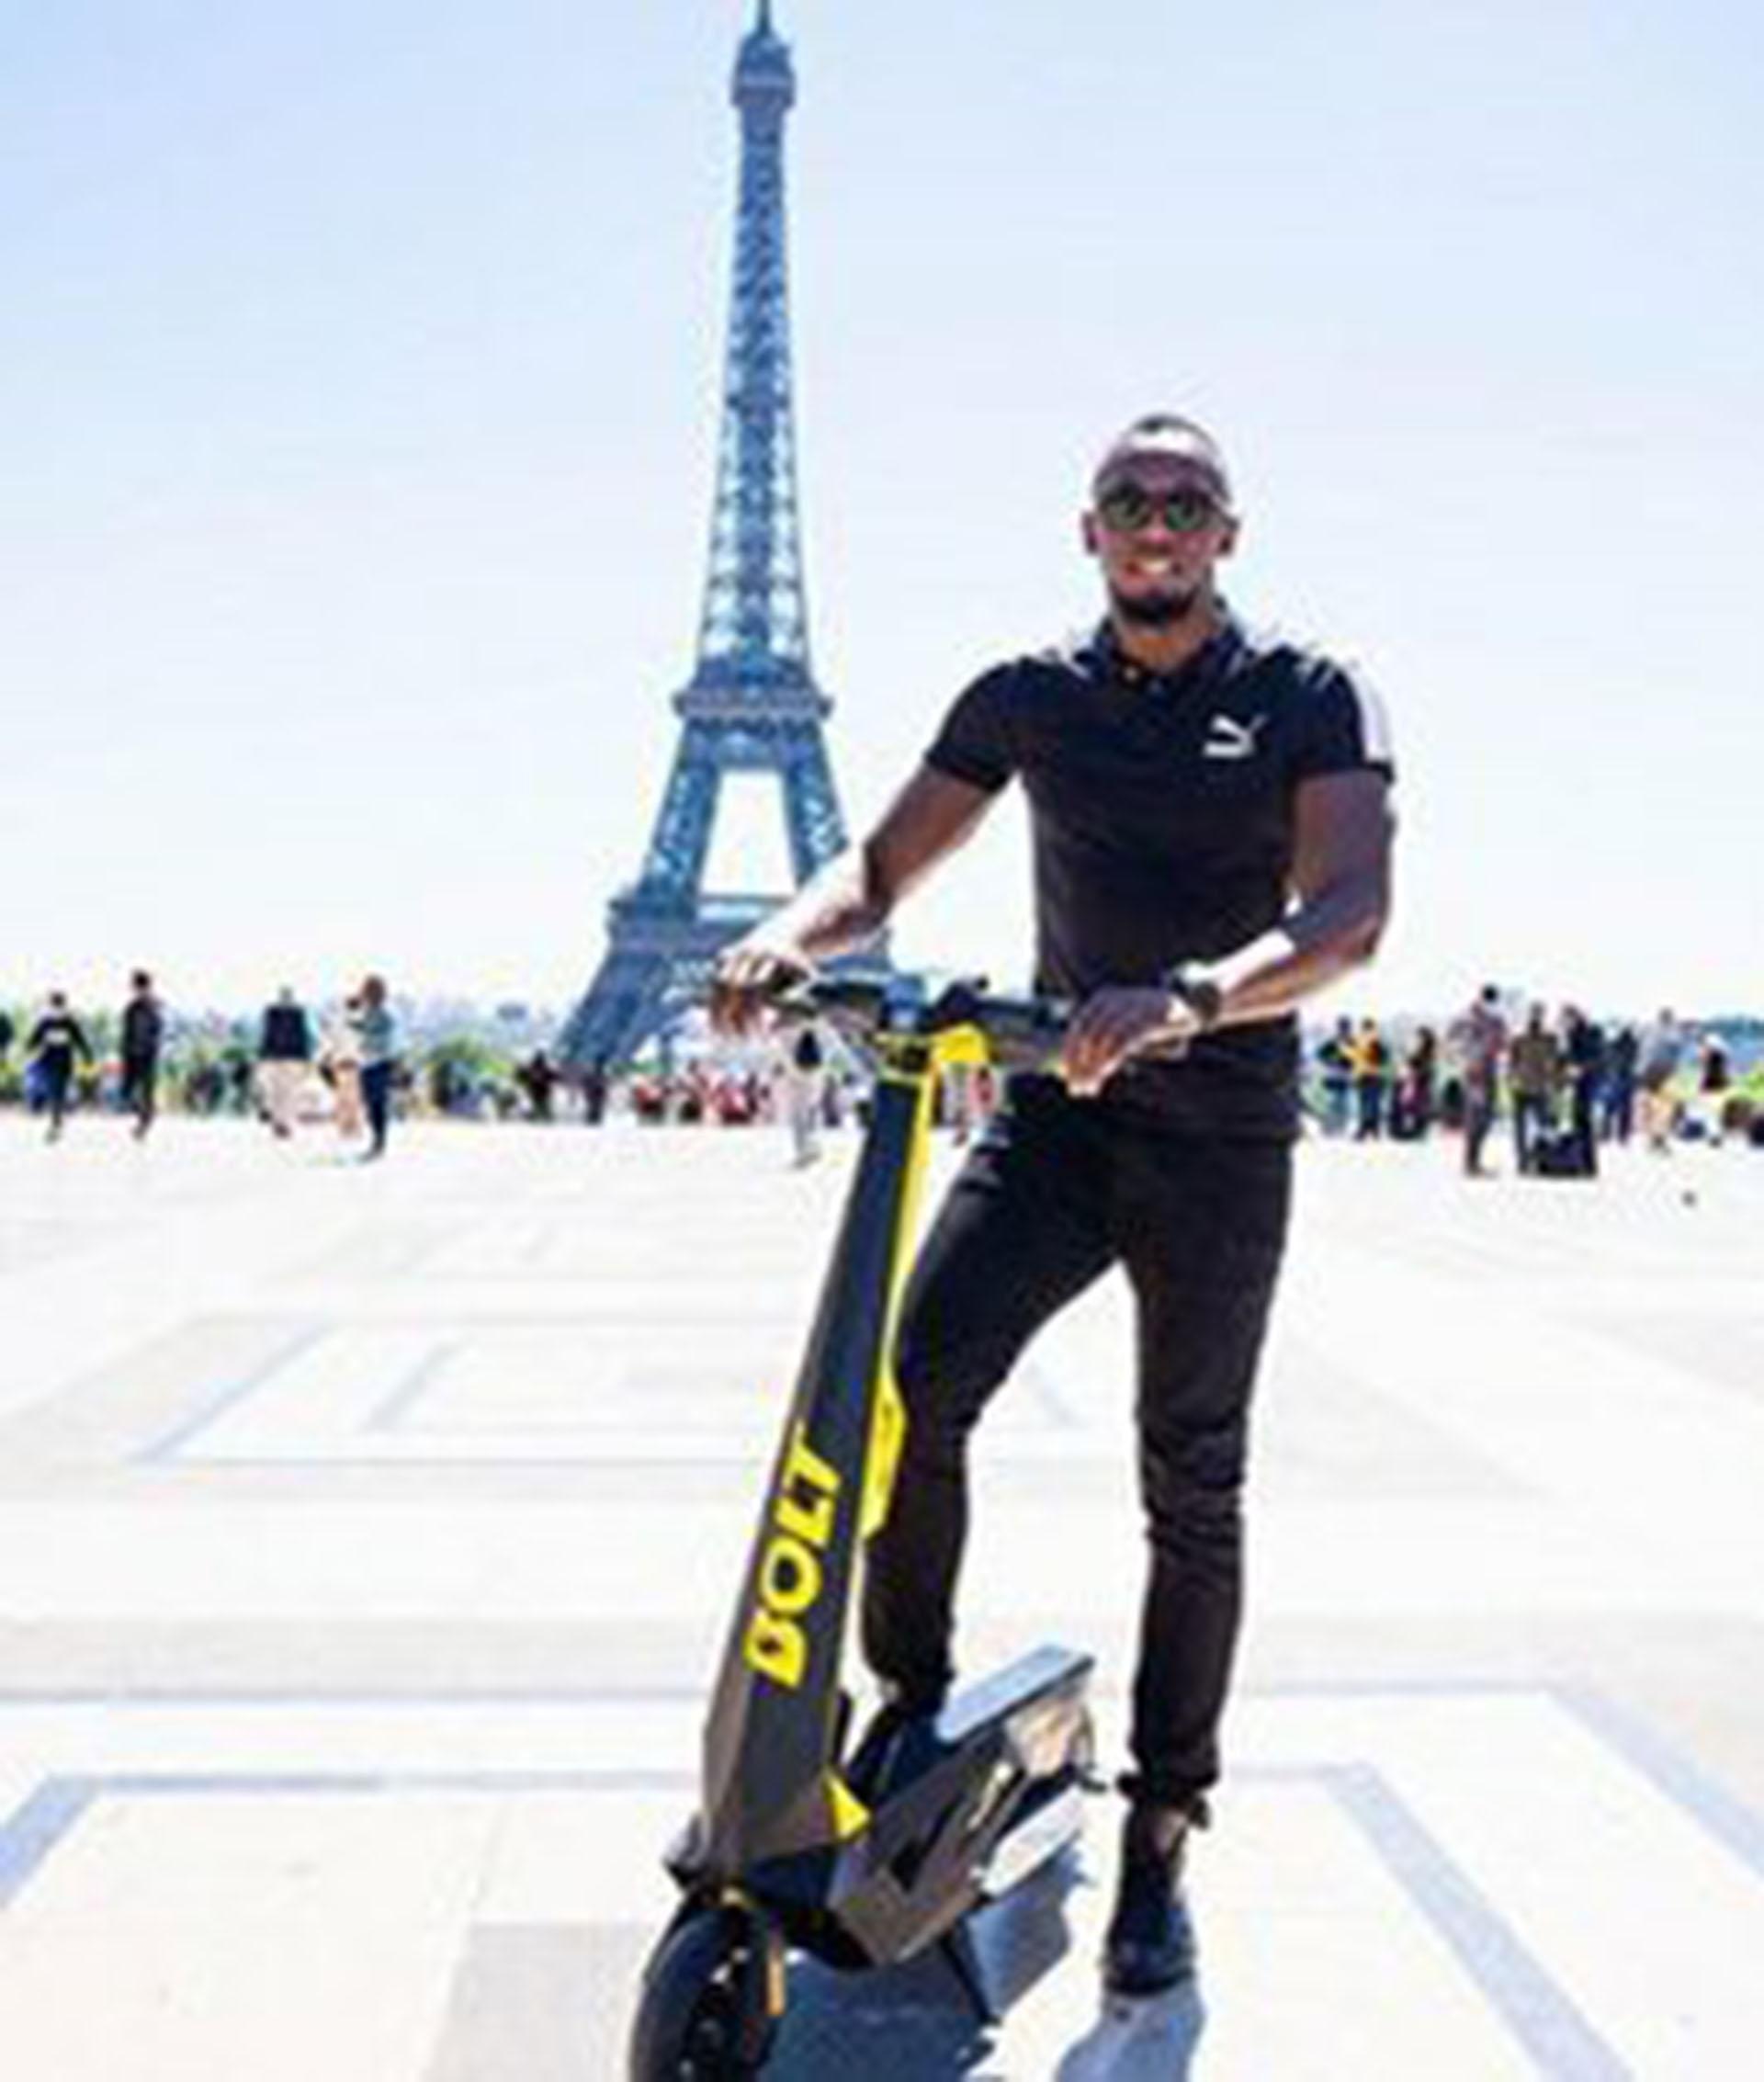 La leyenda del atletismo mundial posa con su patineta eléctrica frente a la Torre Eiffel